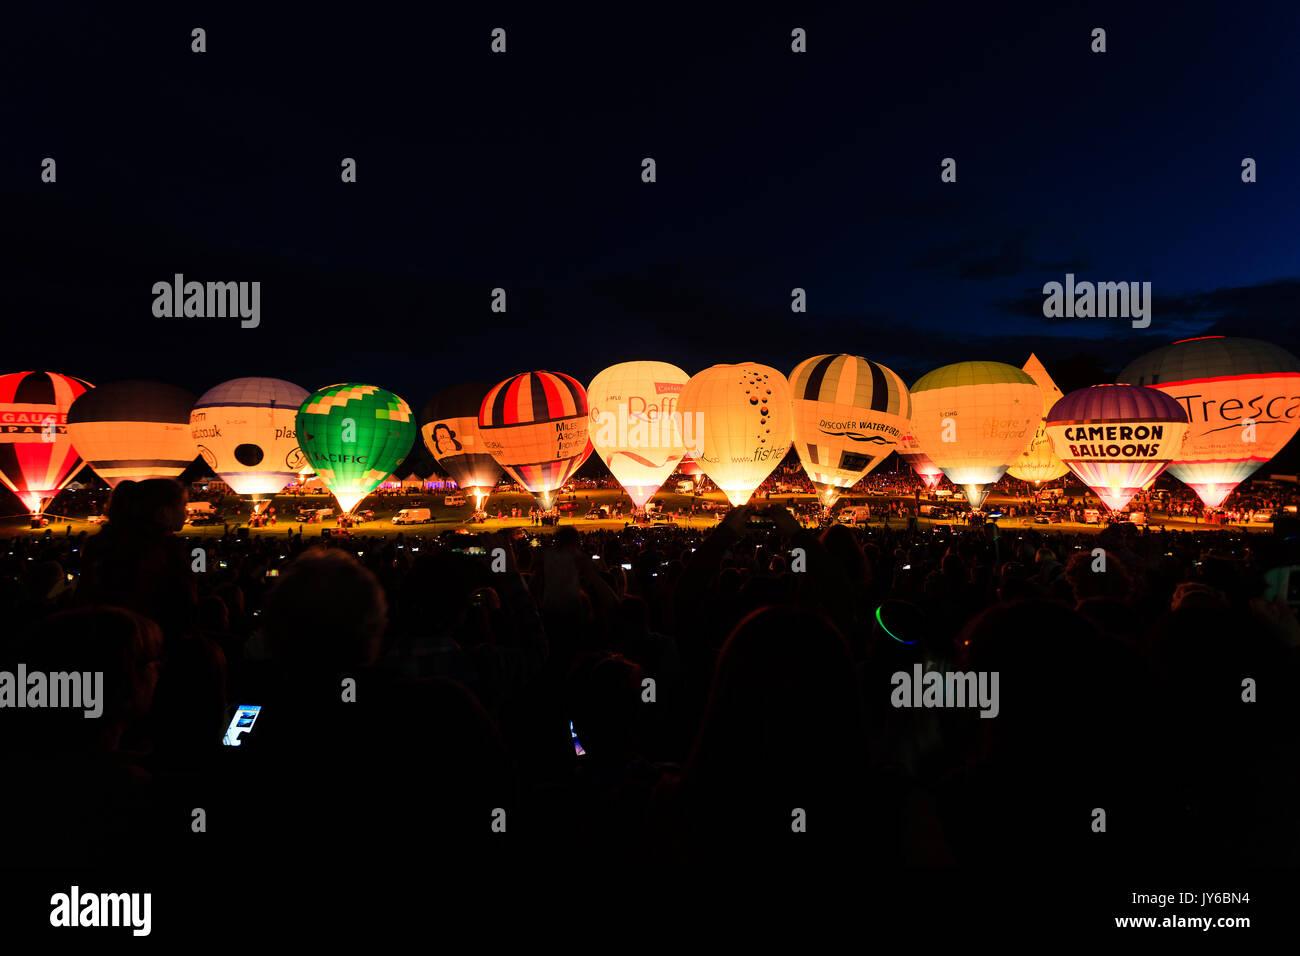 Vista da noite brilham em Bristol Balão Fiesta 2017 em Ashton Tribunal, Bristol. Imagens de Stock